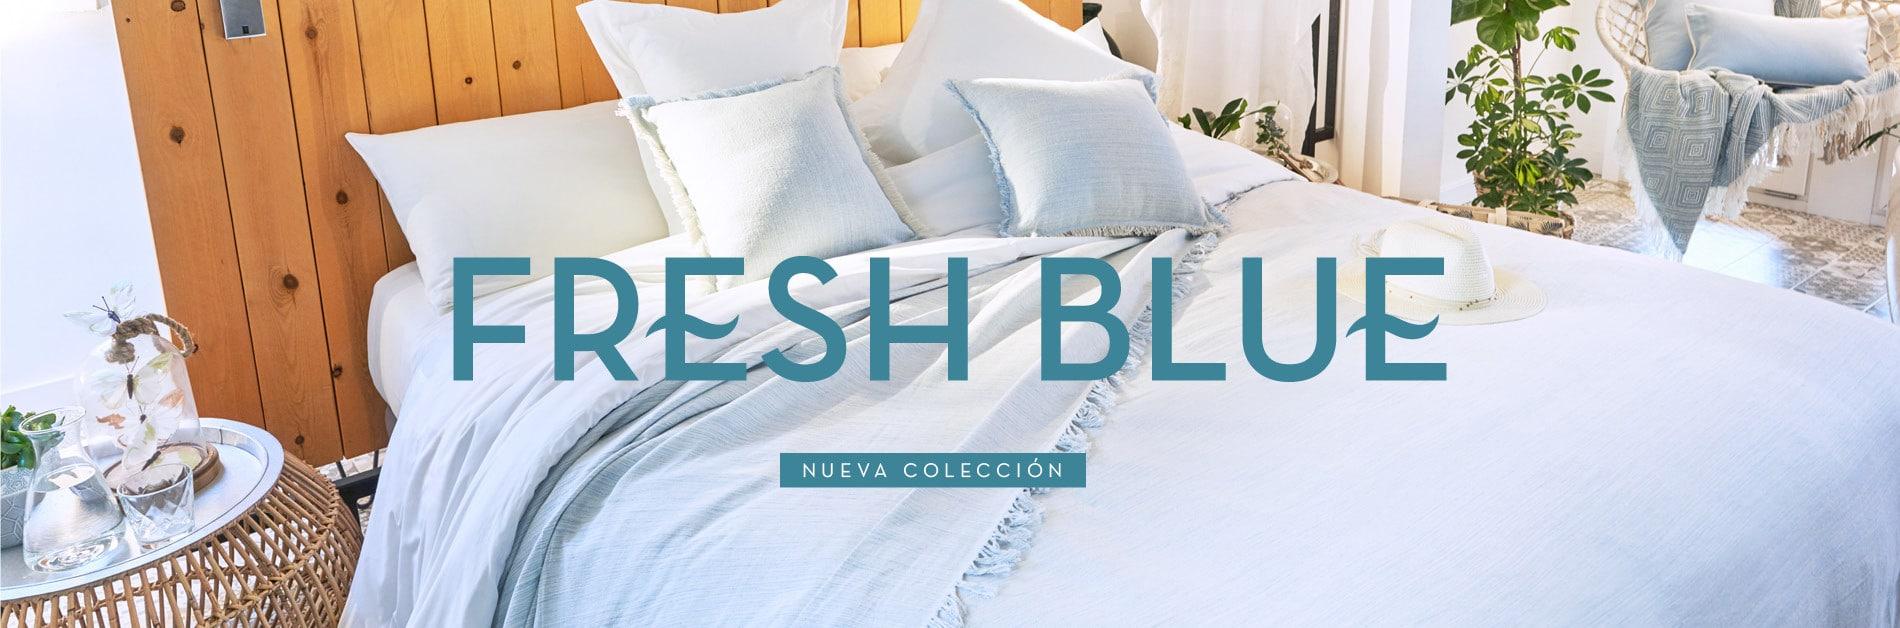 DESCUBRE LA NUEVA COLECCION FRESH BLUE